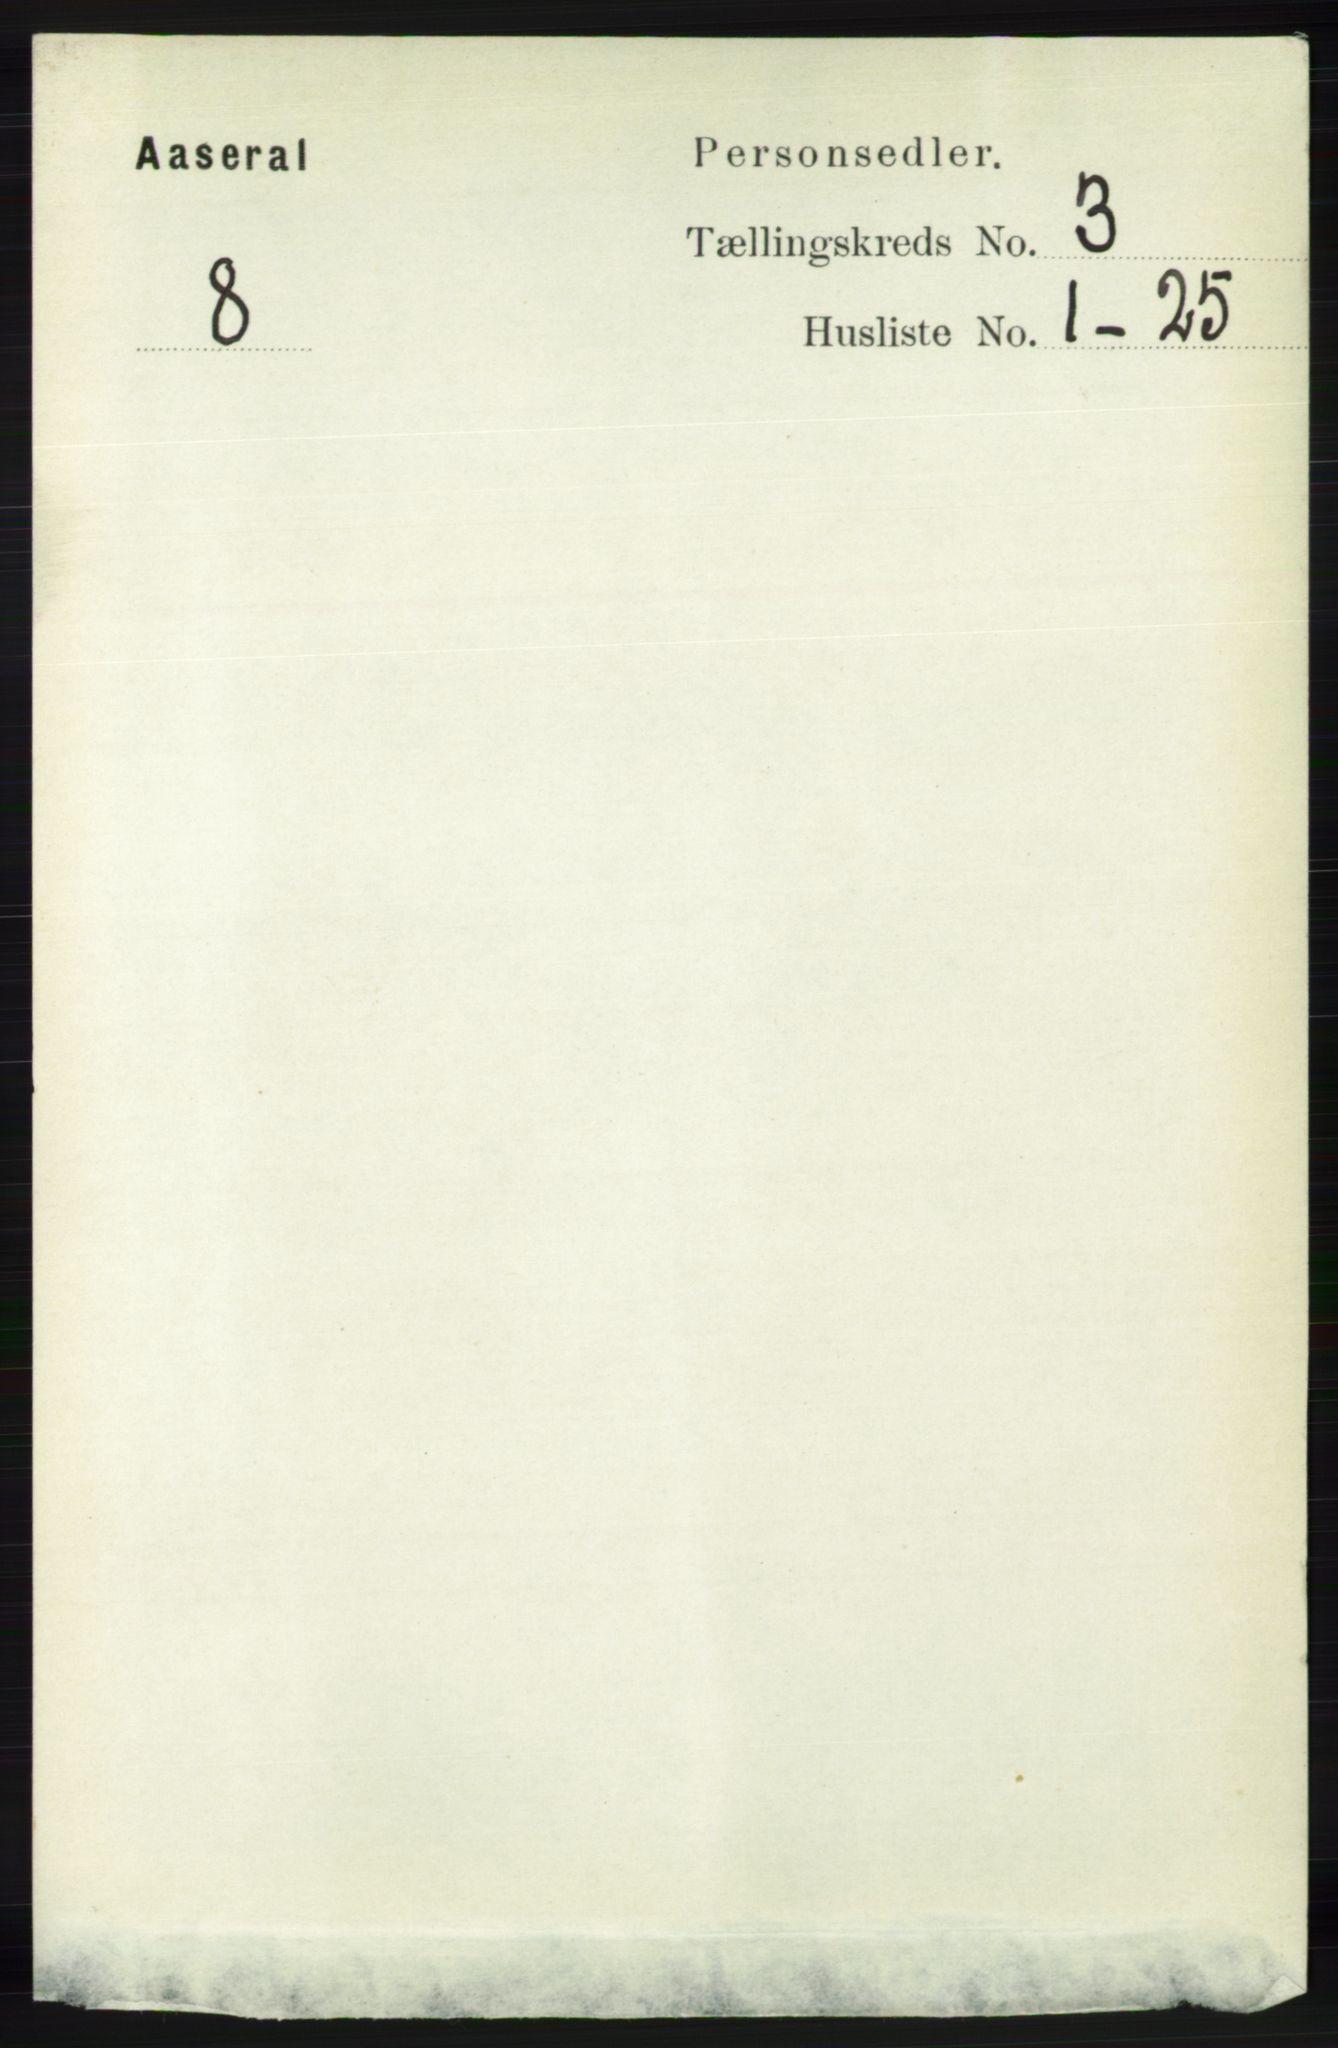 RA, Folketelling 1891 for 1026 Åseral herred, 1891, s. 779